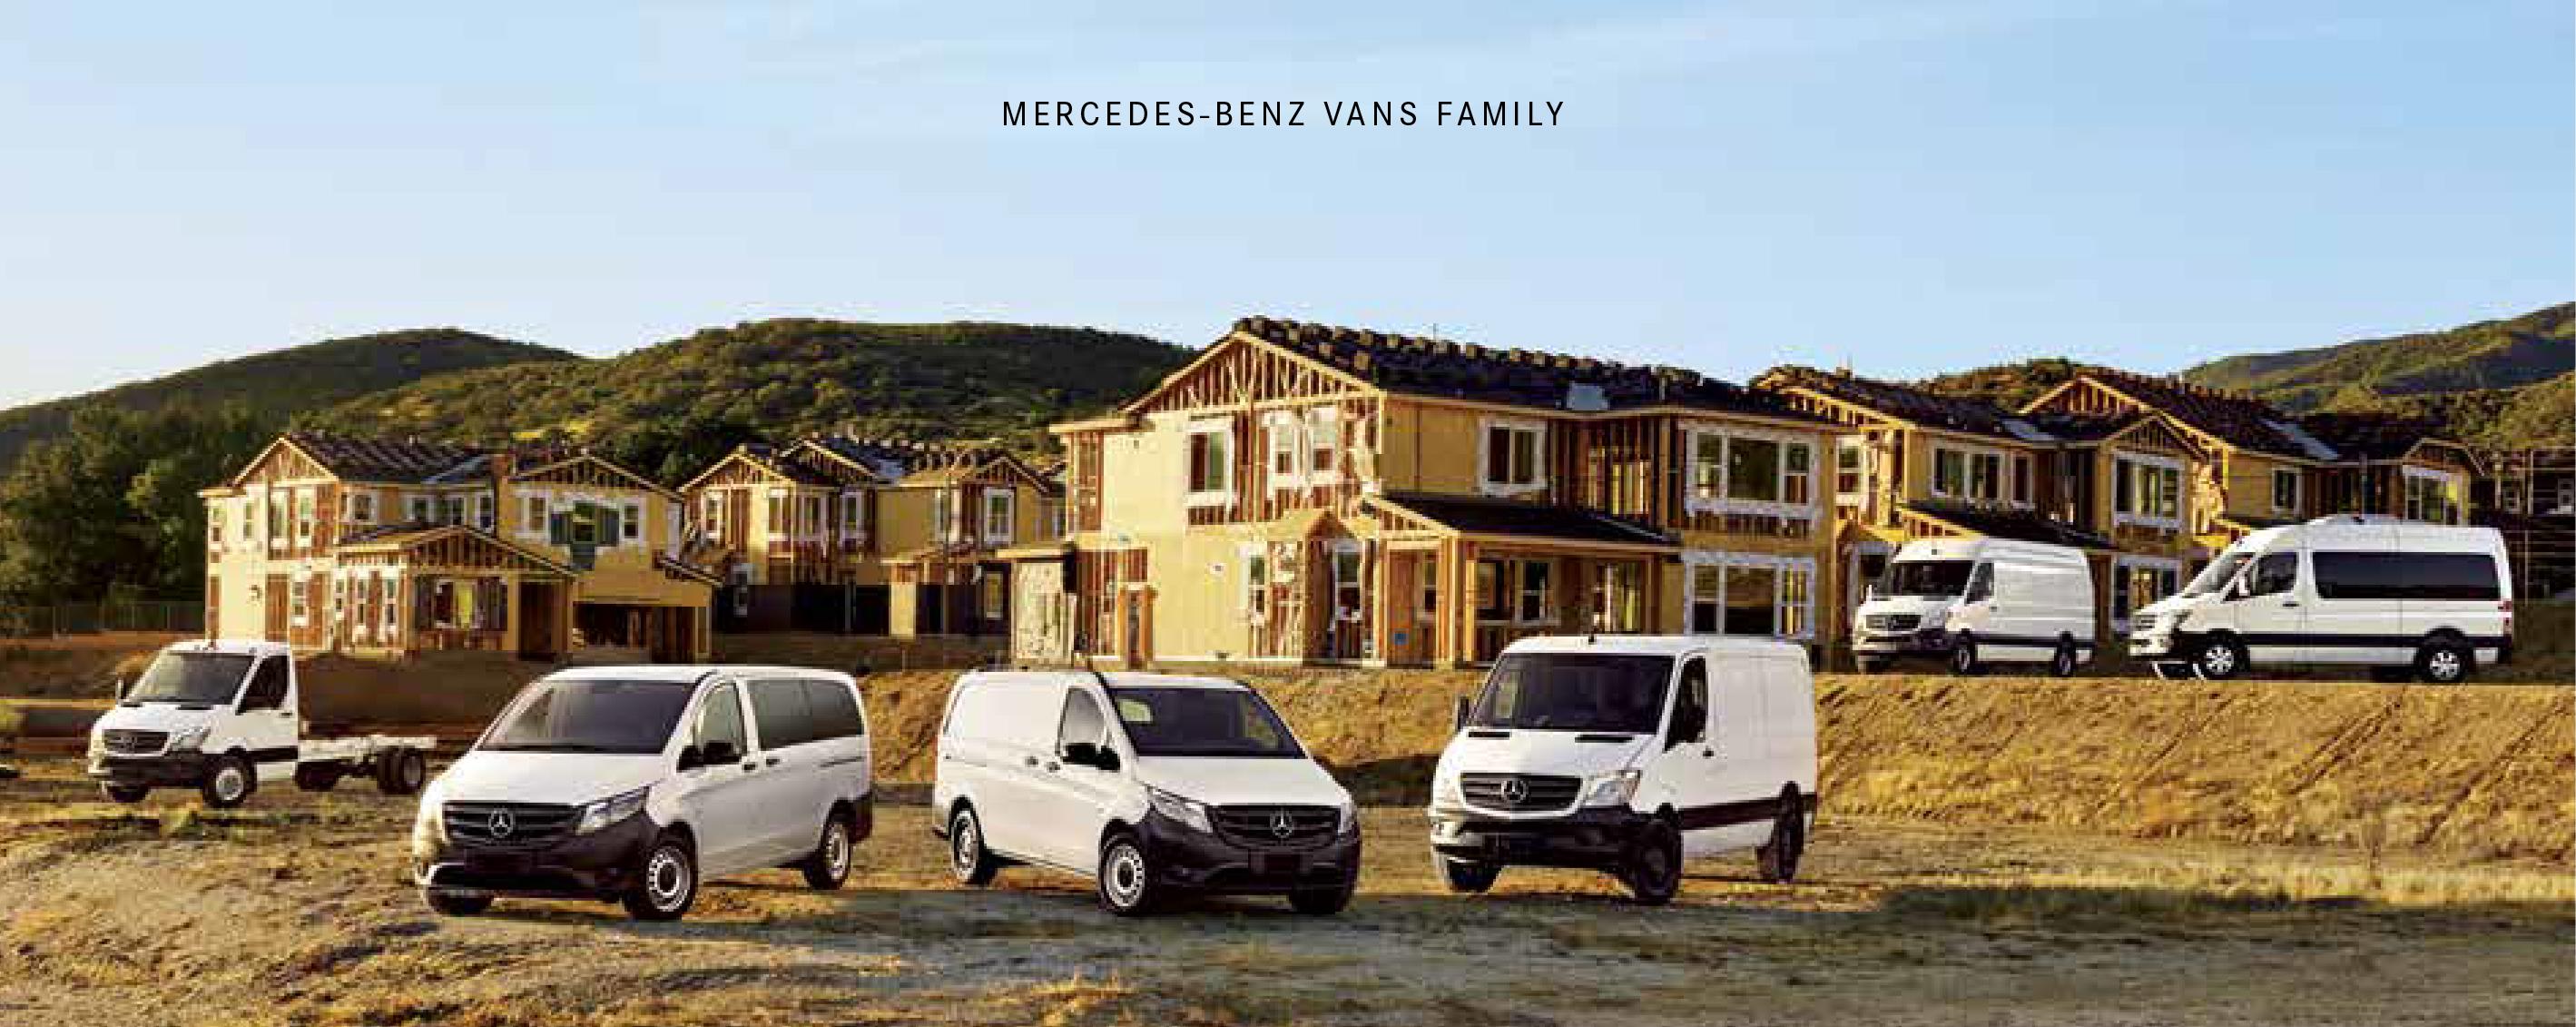 MB VANS FAMILY